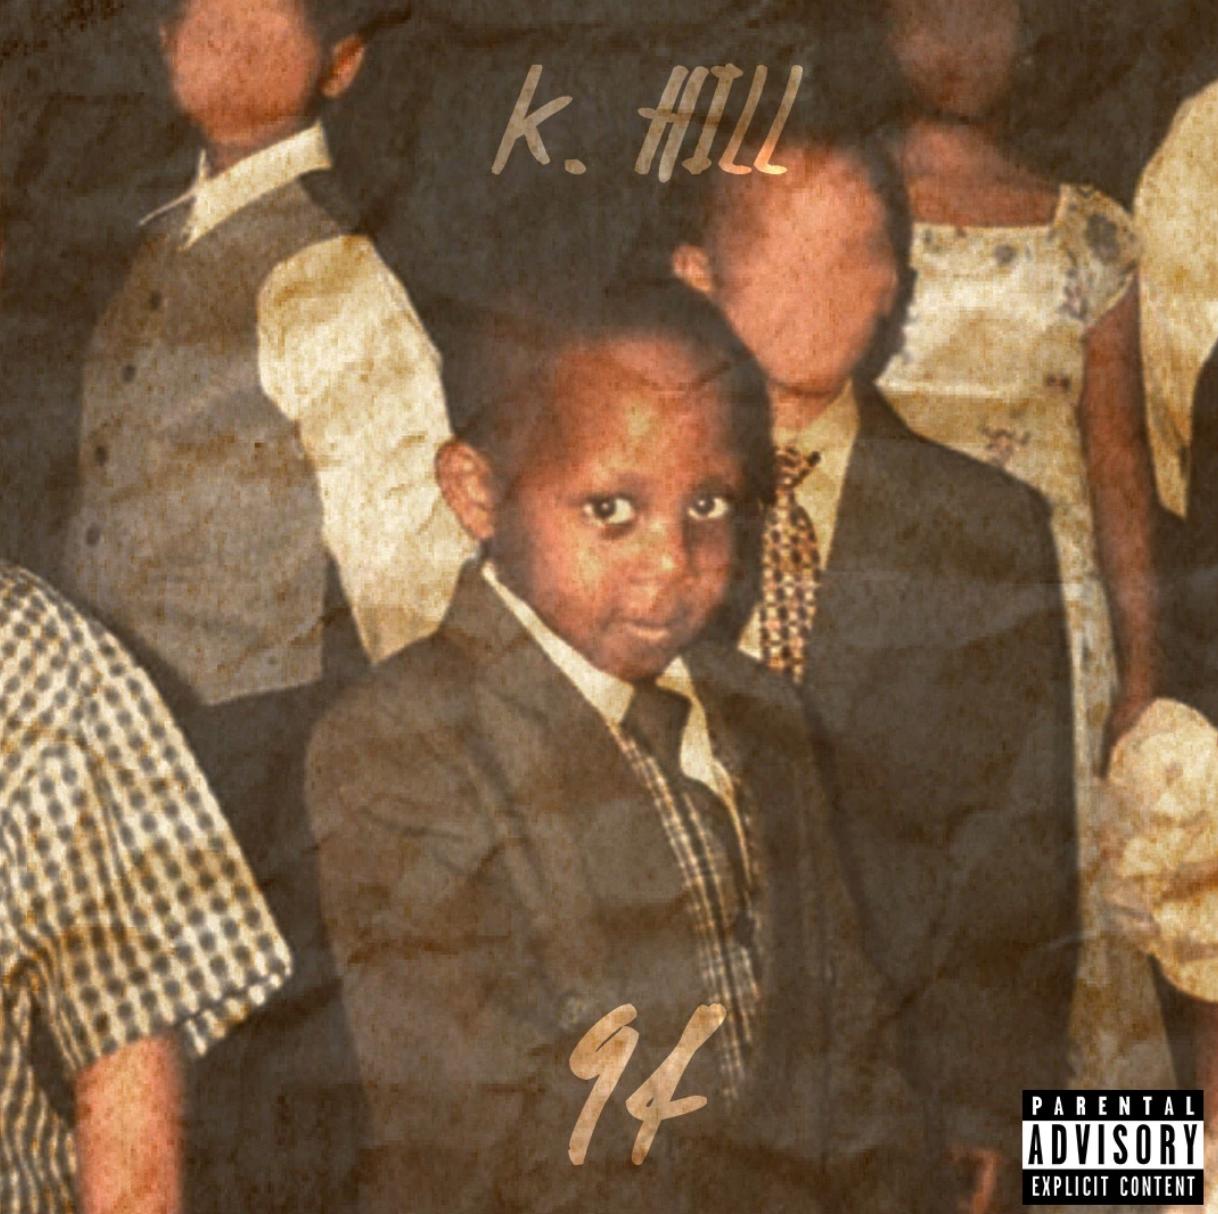 K. Hill 94 Cover Art